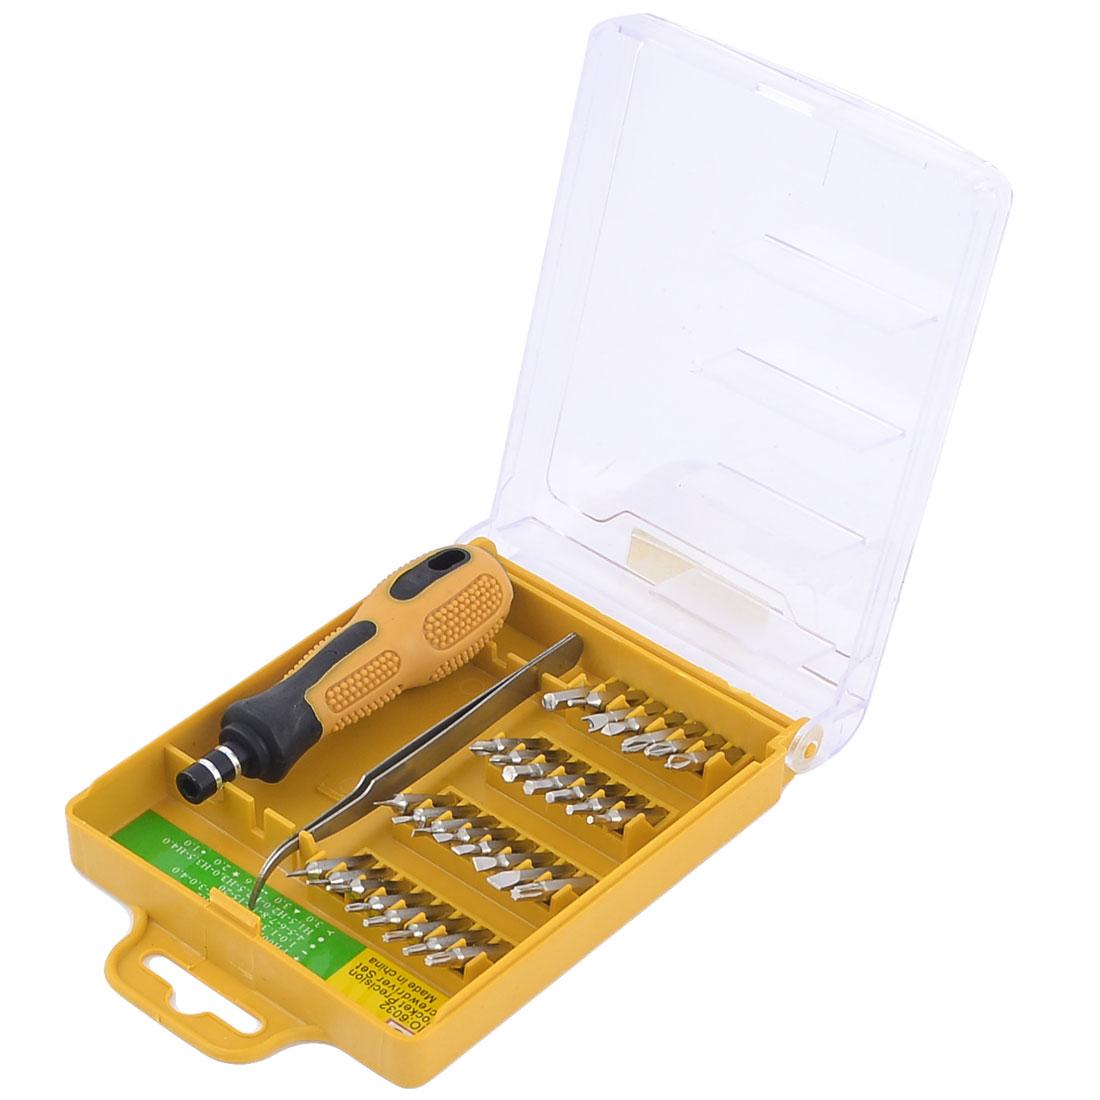 Black Yellow Nonslip Handle Phillips Hex Bits Screwdriver Tools 32 in 1